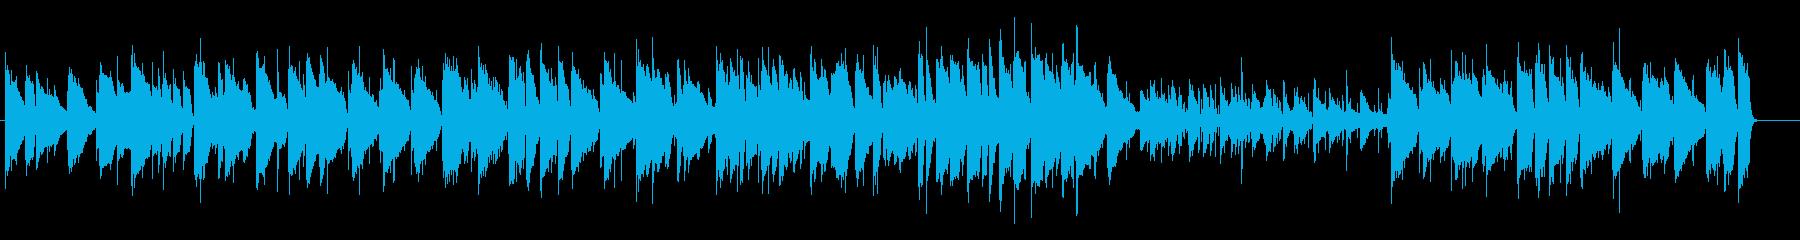 童謡のジャズピアノの再生済みの波形